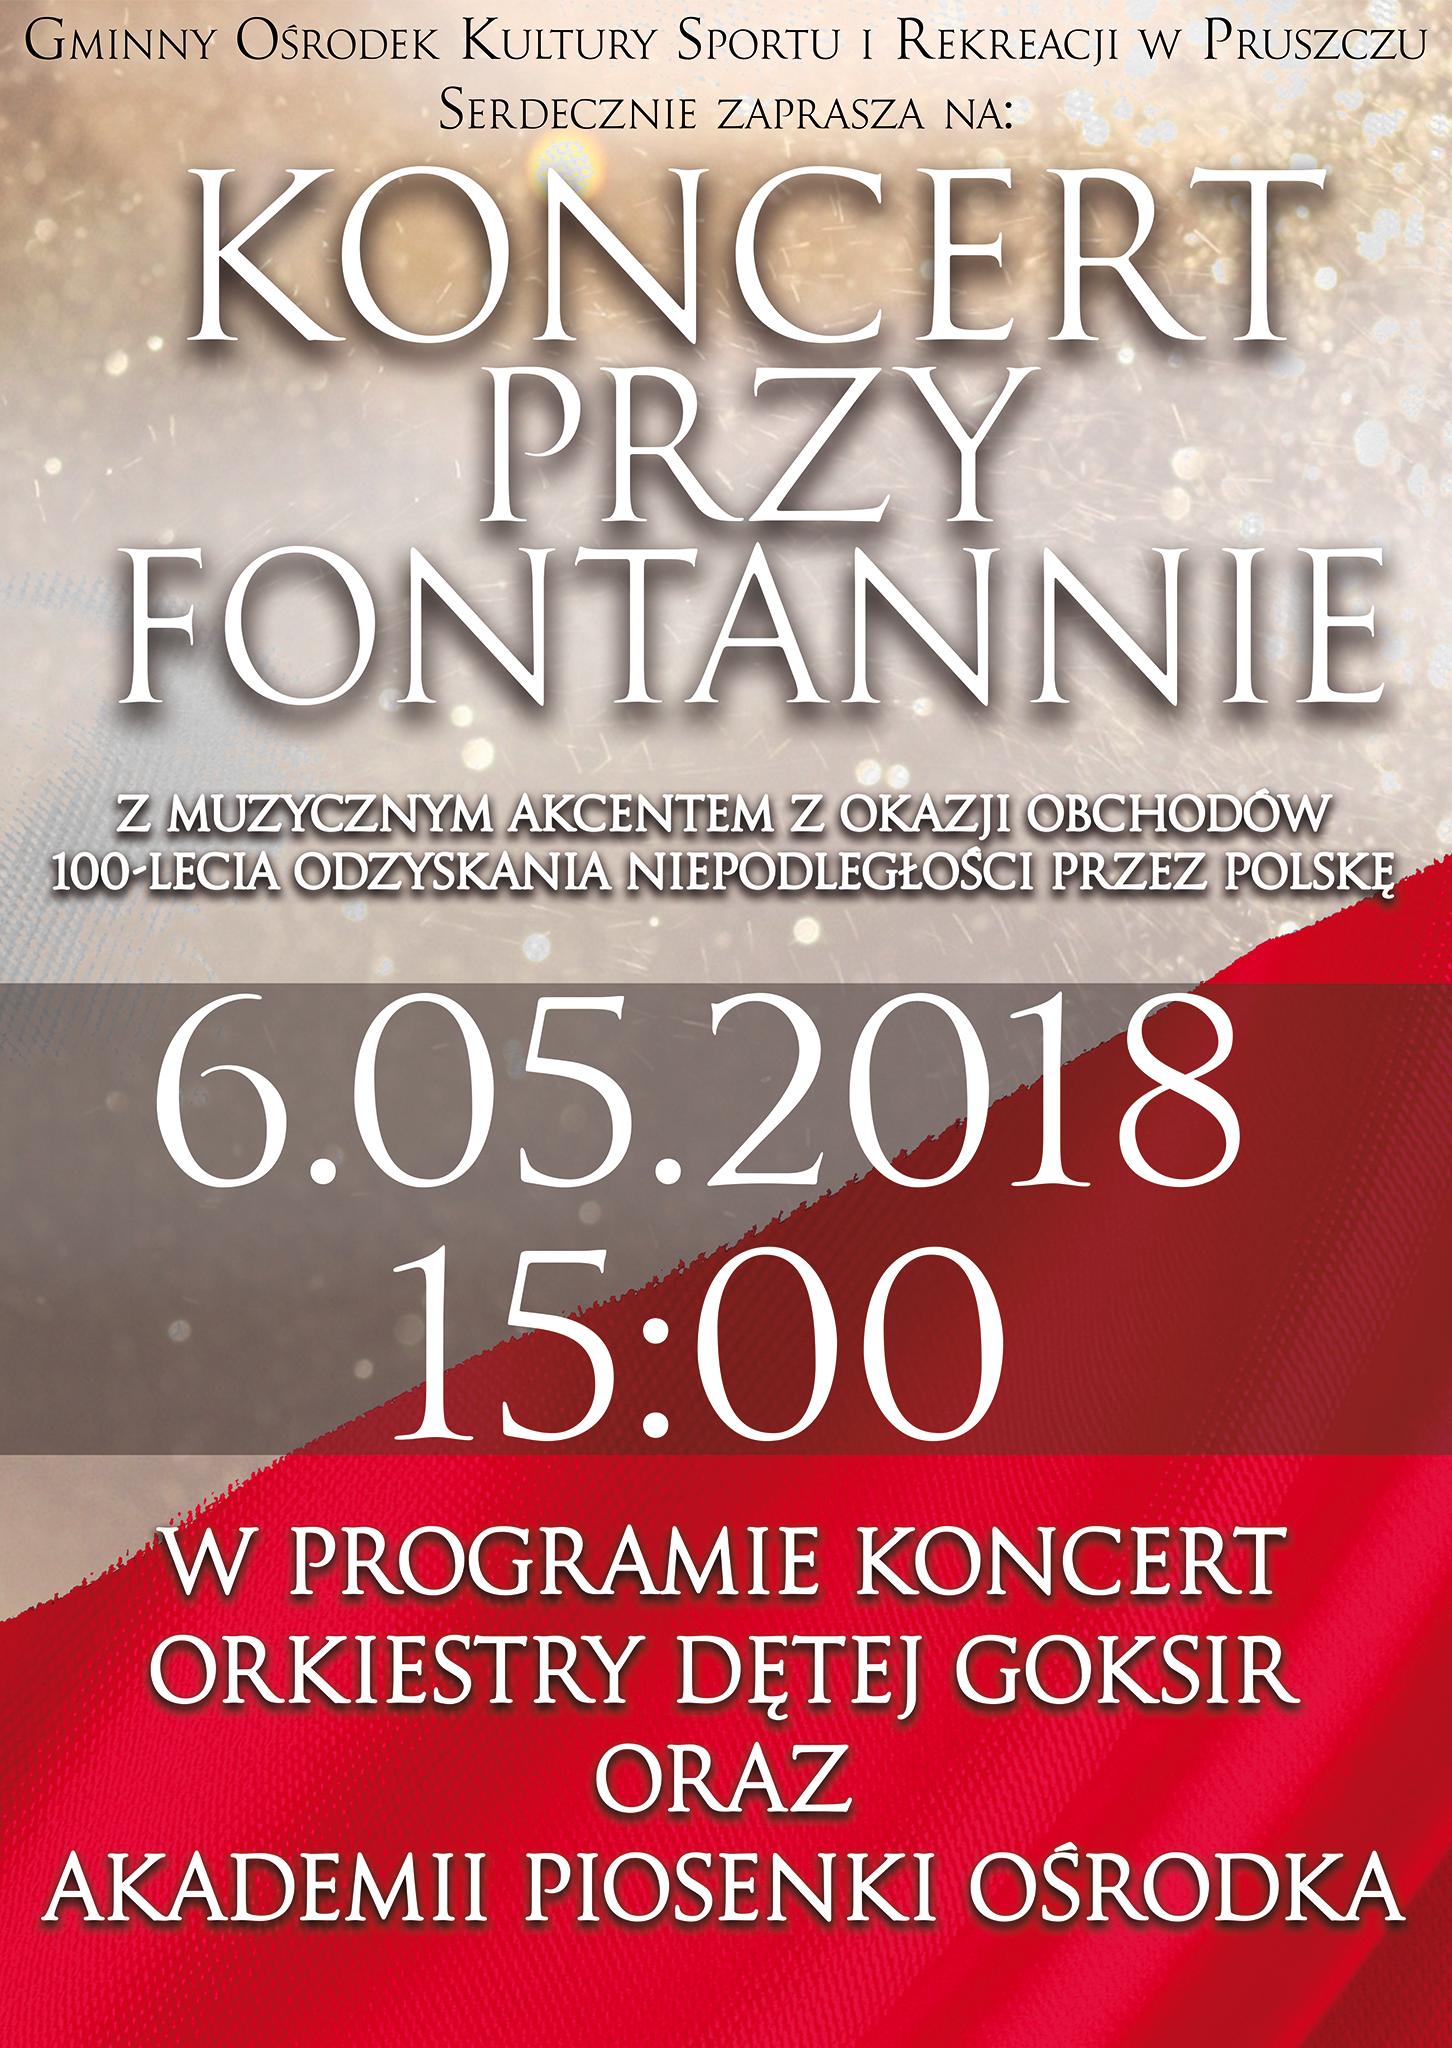 Koncert-Przy-Fontannie-2018-100LECIE-NIEPODLEGŁOŚCI-internet